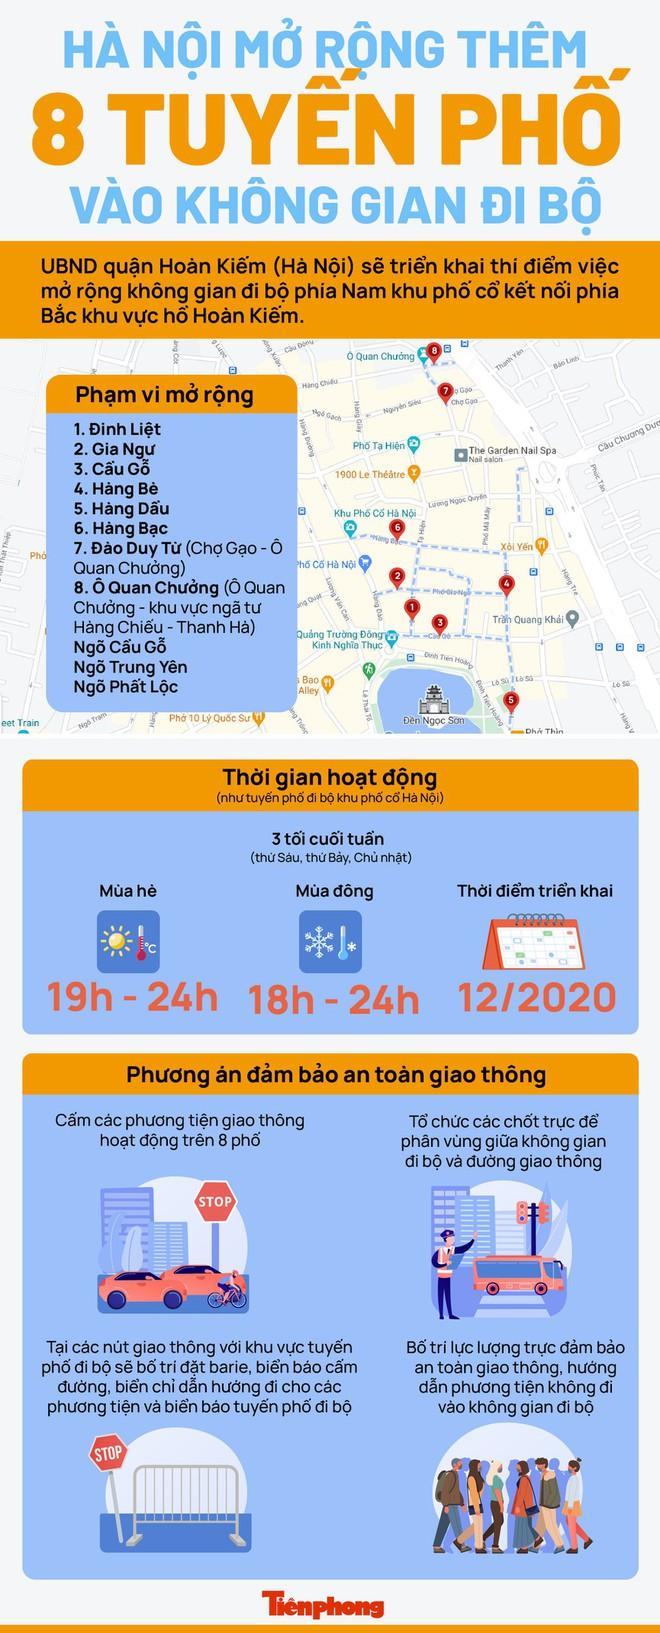 Hà Nội mở rộng 8 tuyến phố đi bộ như thế nào? - Ảnh 1.